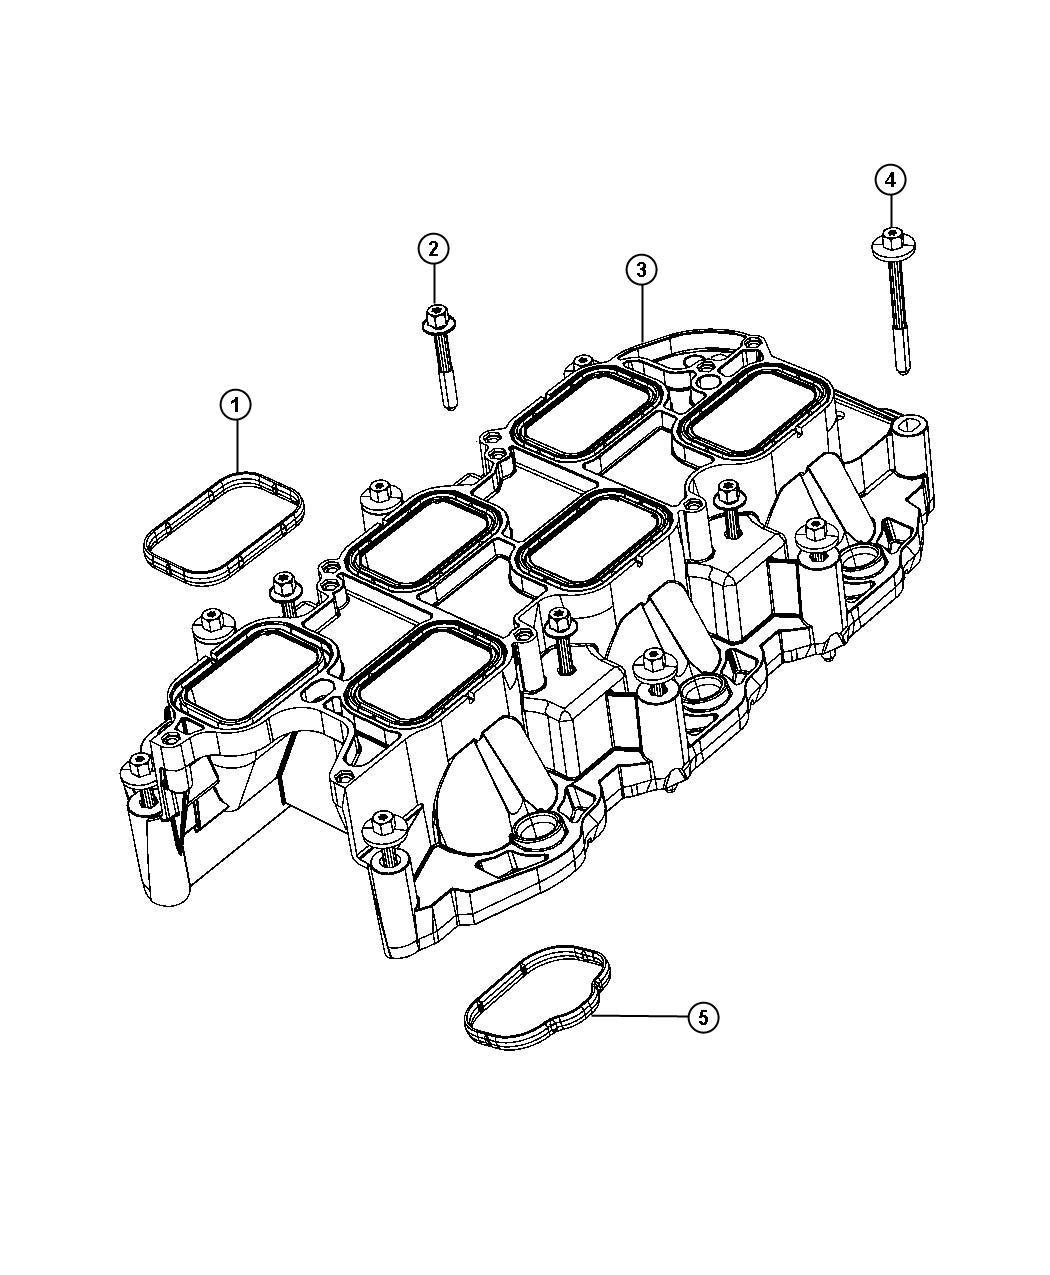 Jeep Wrangler Gasket Intake Plenum Mounting